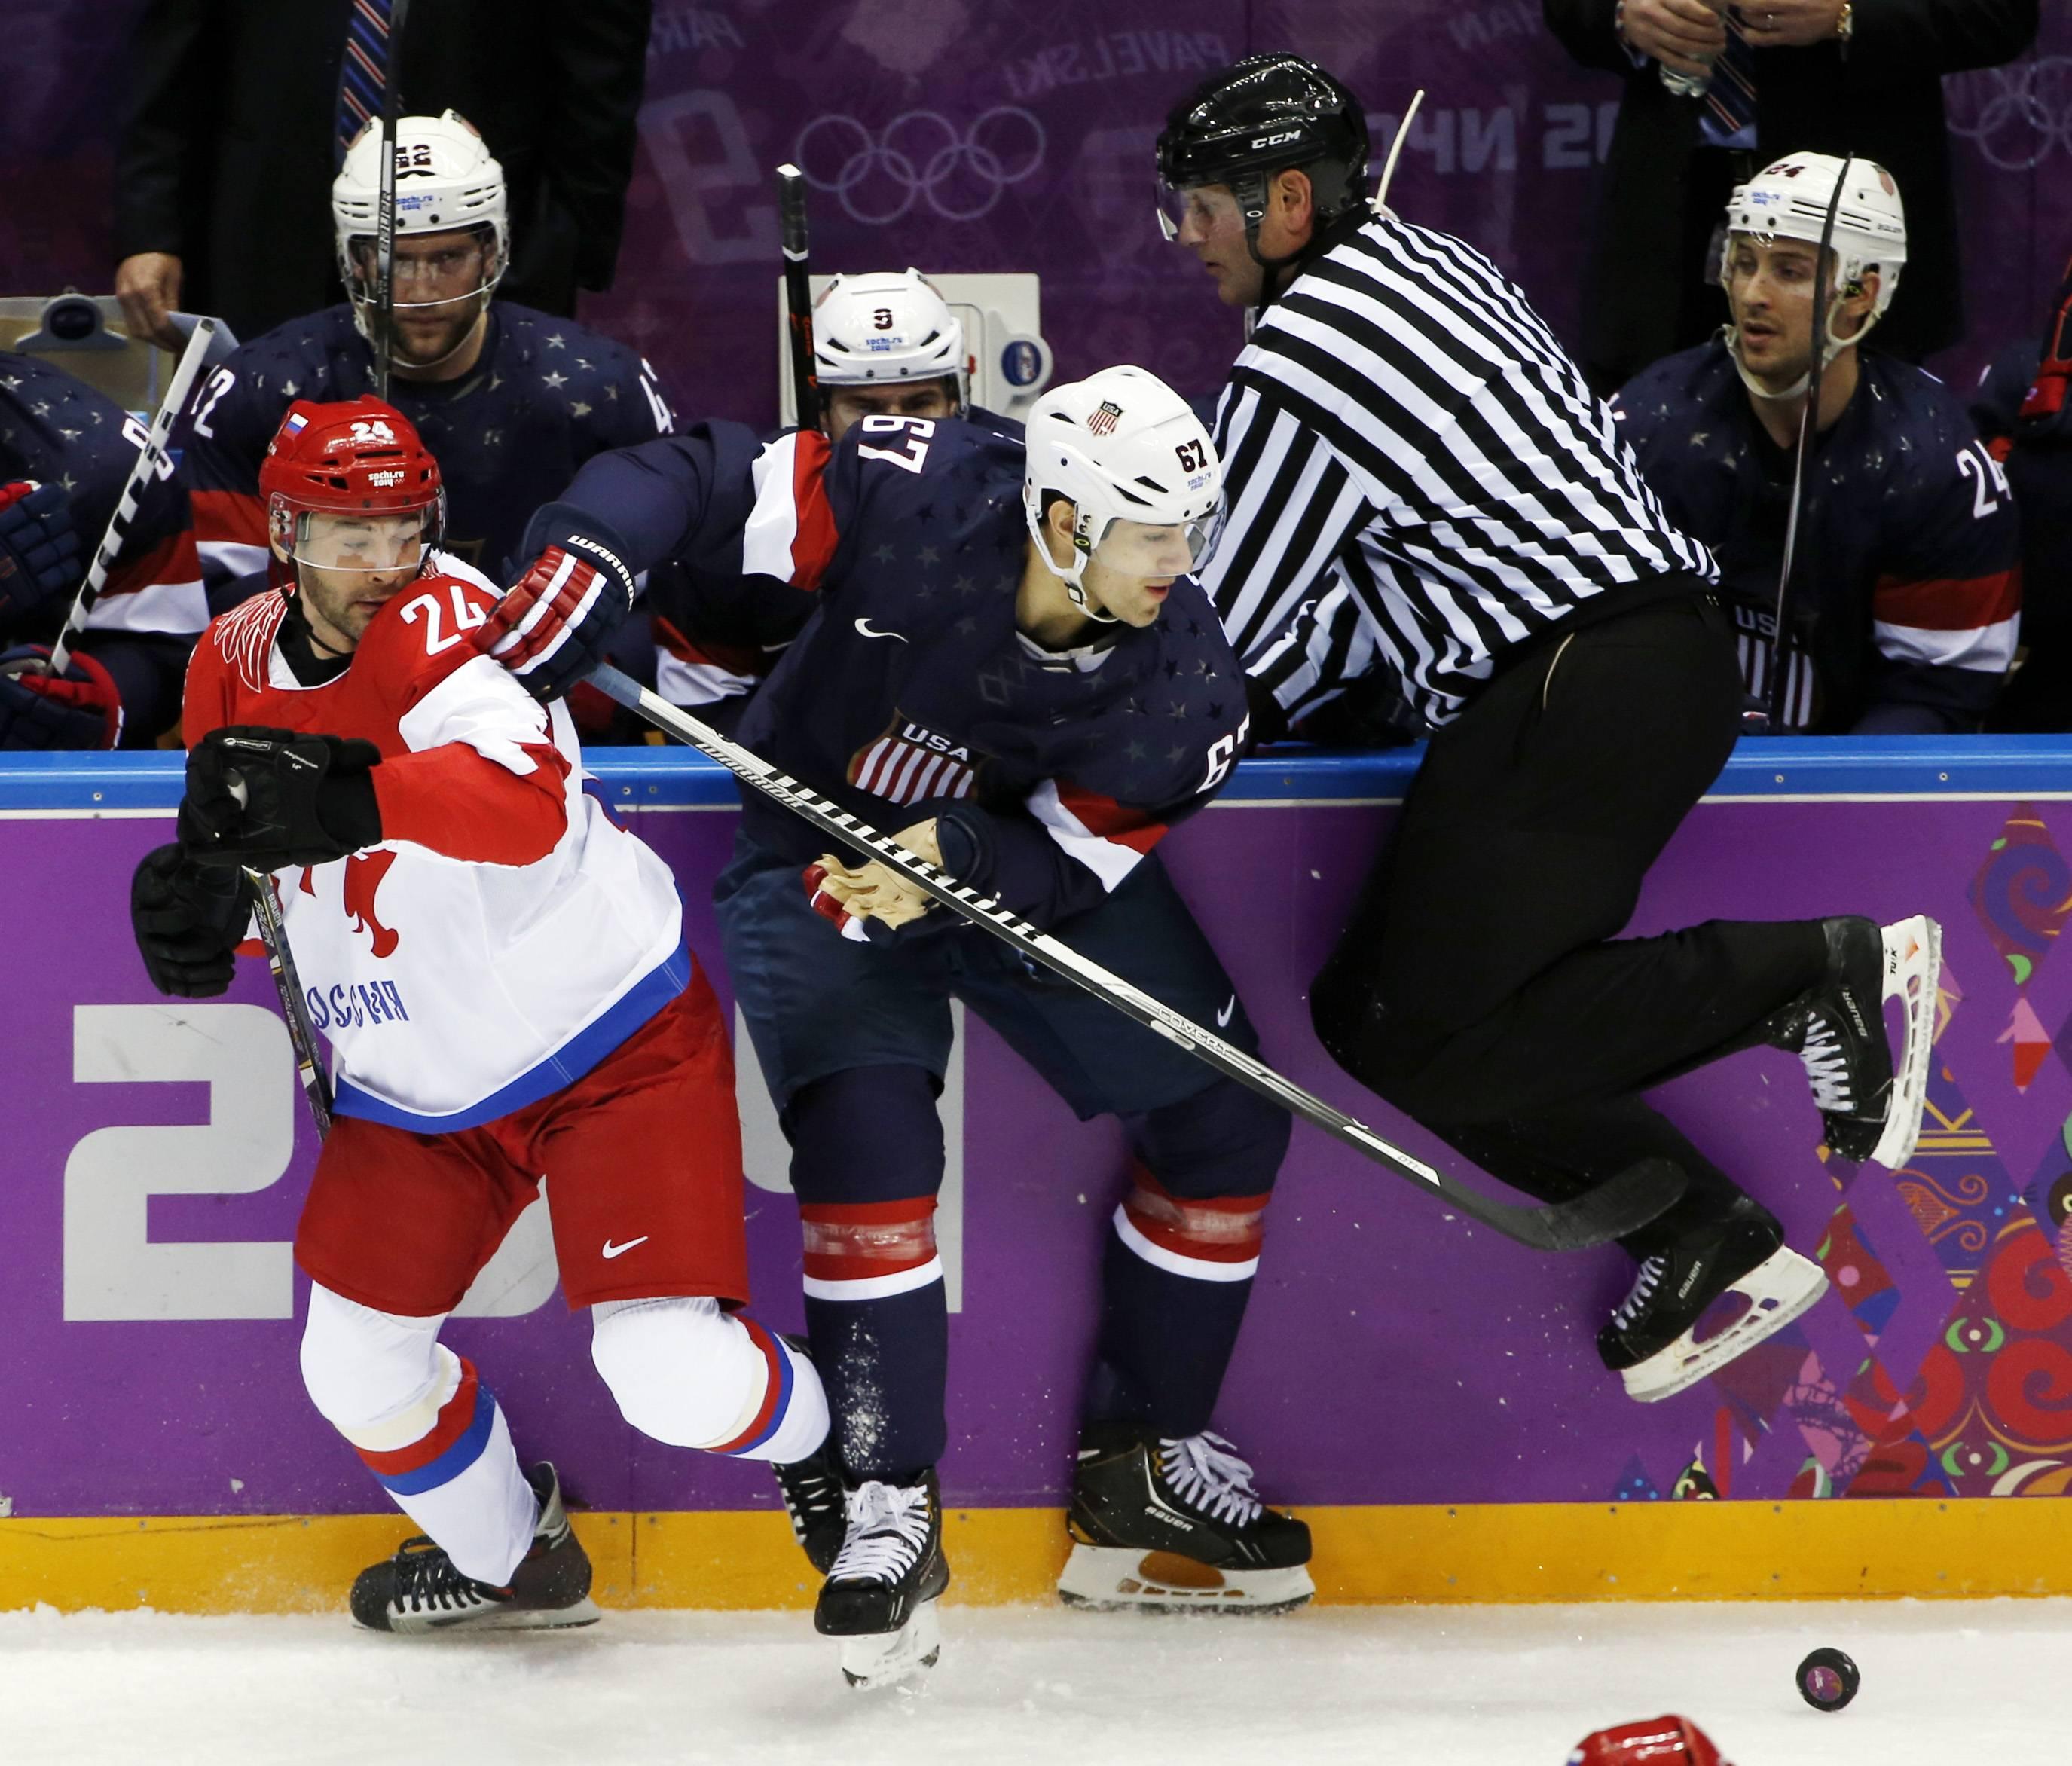 Хоккеисты России и США определяют сильнейшего